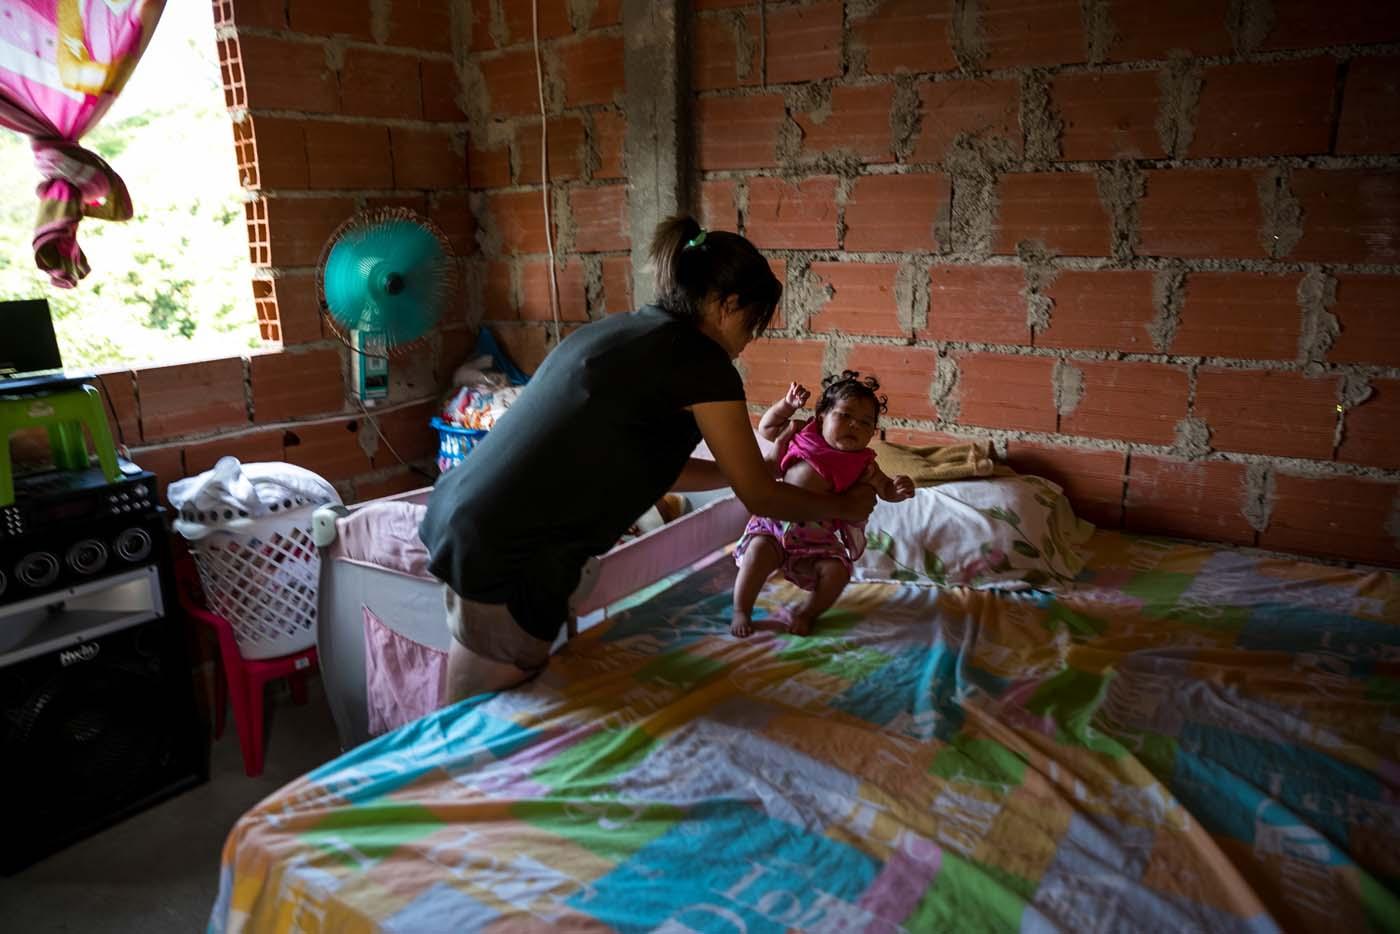 """ACOMPAÑA CRÓNICA VENEZUELA CRISIS - CAR14. LA GUAIRA (VENEZUELA) - Fotografías del 21 de septiembre del 2017 de """"Verónica"""" (nombre que prefirió usar para proteger su identidad) quien padece de Malaria, acompañada de su hija """"Ana"""" que padece de ceguera parcial secuela de la enfermedad de la madre en la ciudad de La Guaira (Venezuela). El repunte de al menos tres enfermedades infecciosas y víricas en Venezuela ha dejado ver el debilitamiento de su sistema sanitario, y especialistas aseguran que la fuerte presencia de difteria, malaria y sarampión, se debe, entre otras cosas, a la poca vigilancia y a la falta de medidas preventivas. EFE/MIGUEL GUTIÉRREZ"""